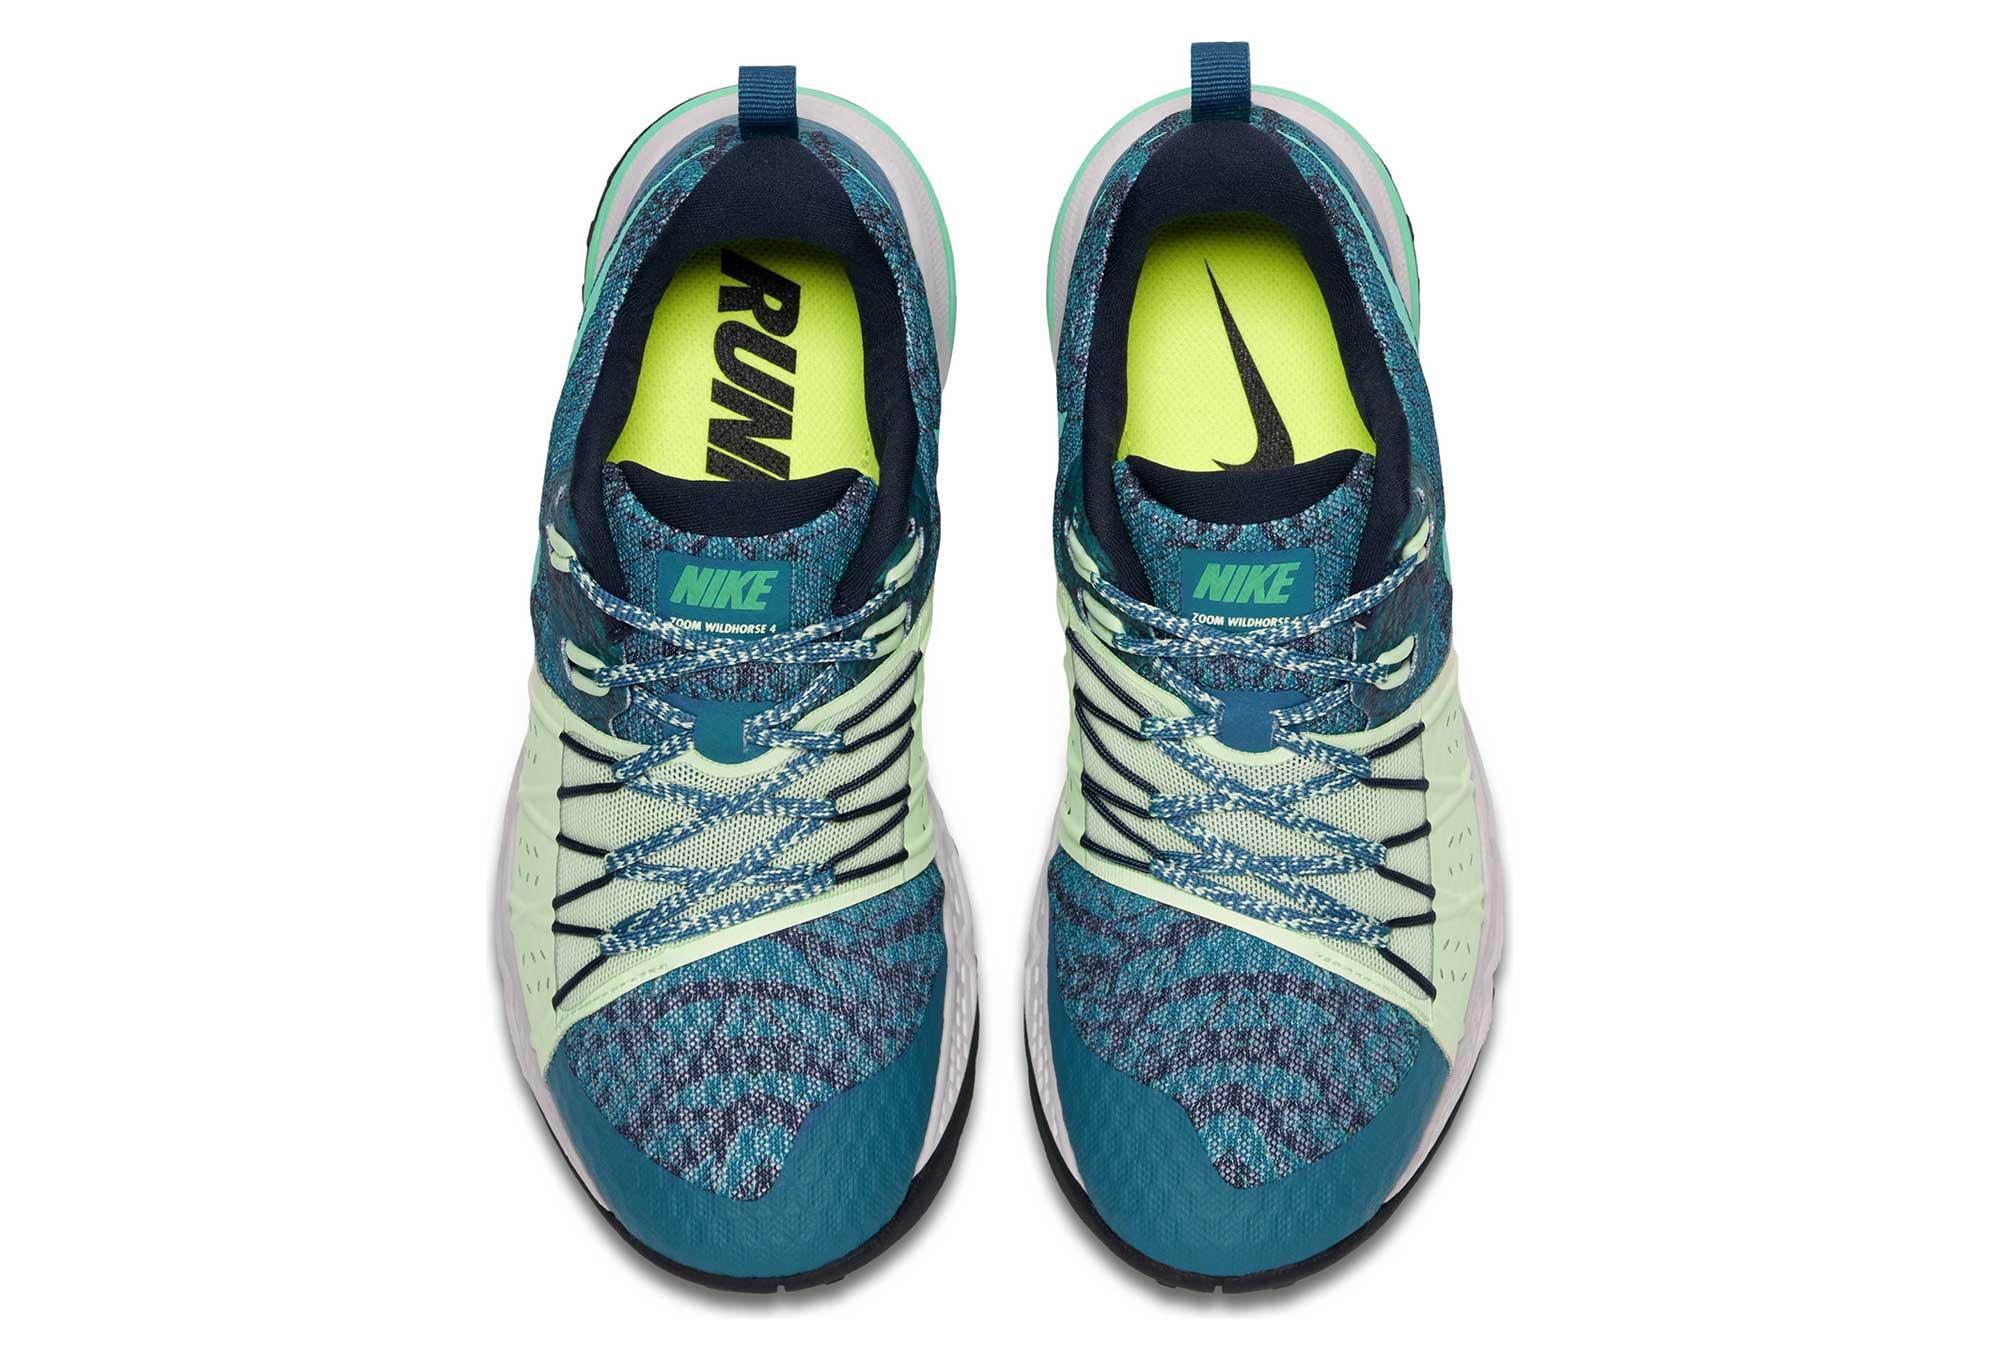 9492a515a2a Nike Air Zoom Wildhorse 4 Teal Blue Green Women